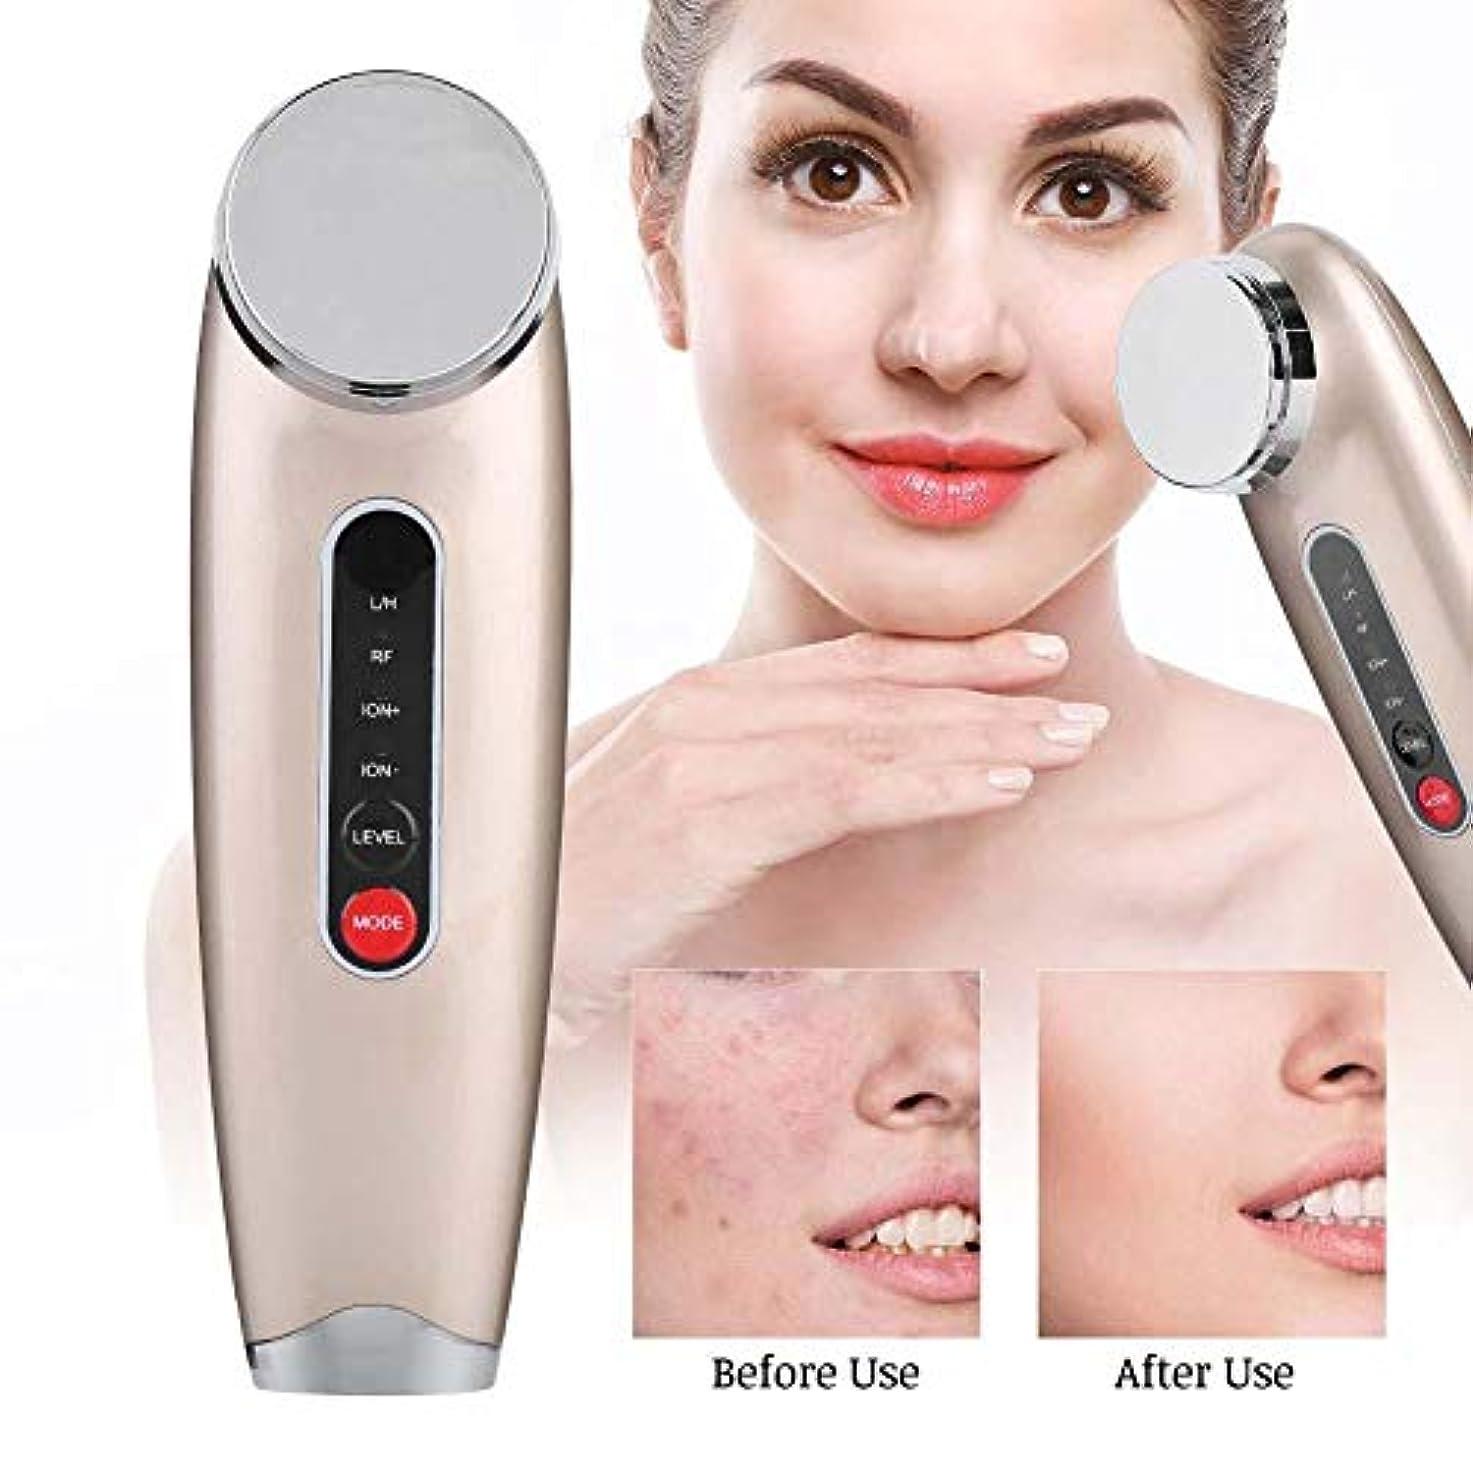 炎上危険な病弱フェイシャルビューティーマシーン - しわ、スキンケア用品、洗顔料、フェイシャルリフトを引き締め、肌を若返らせるために毛穴を縮めます